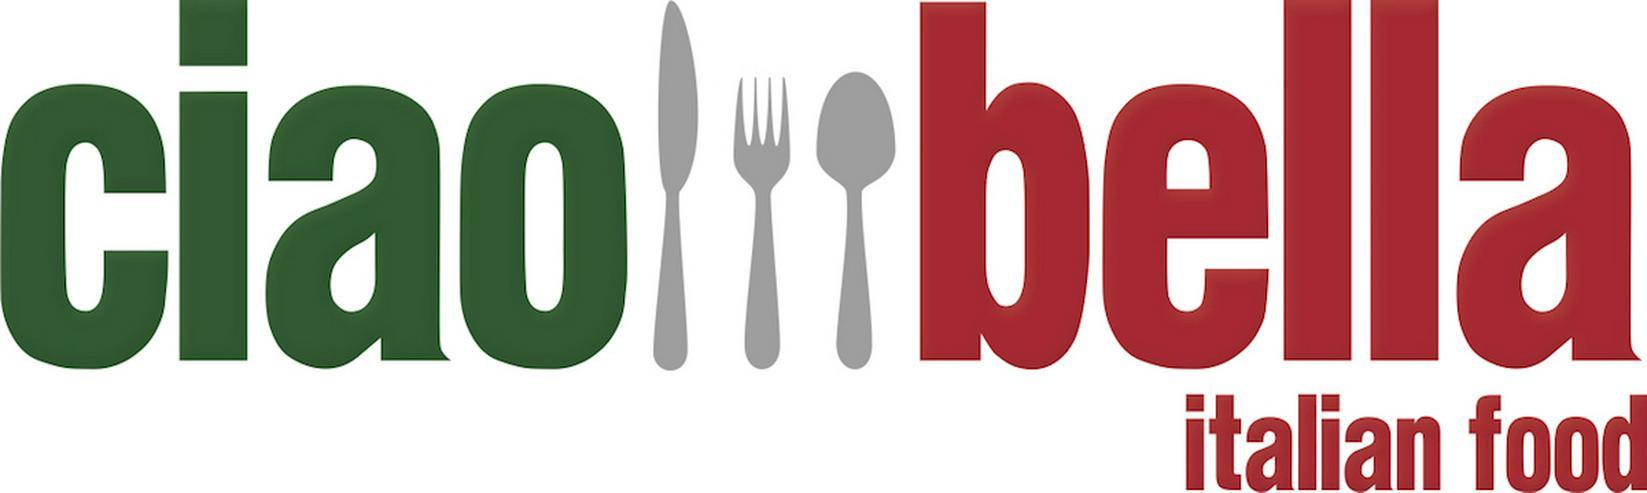 50 Euro Gutschein für das Restaurant Ciao Bella  - Essen & Trinken - Bild 1